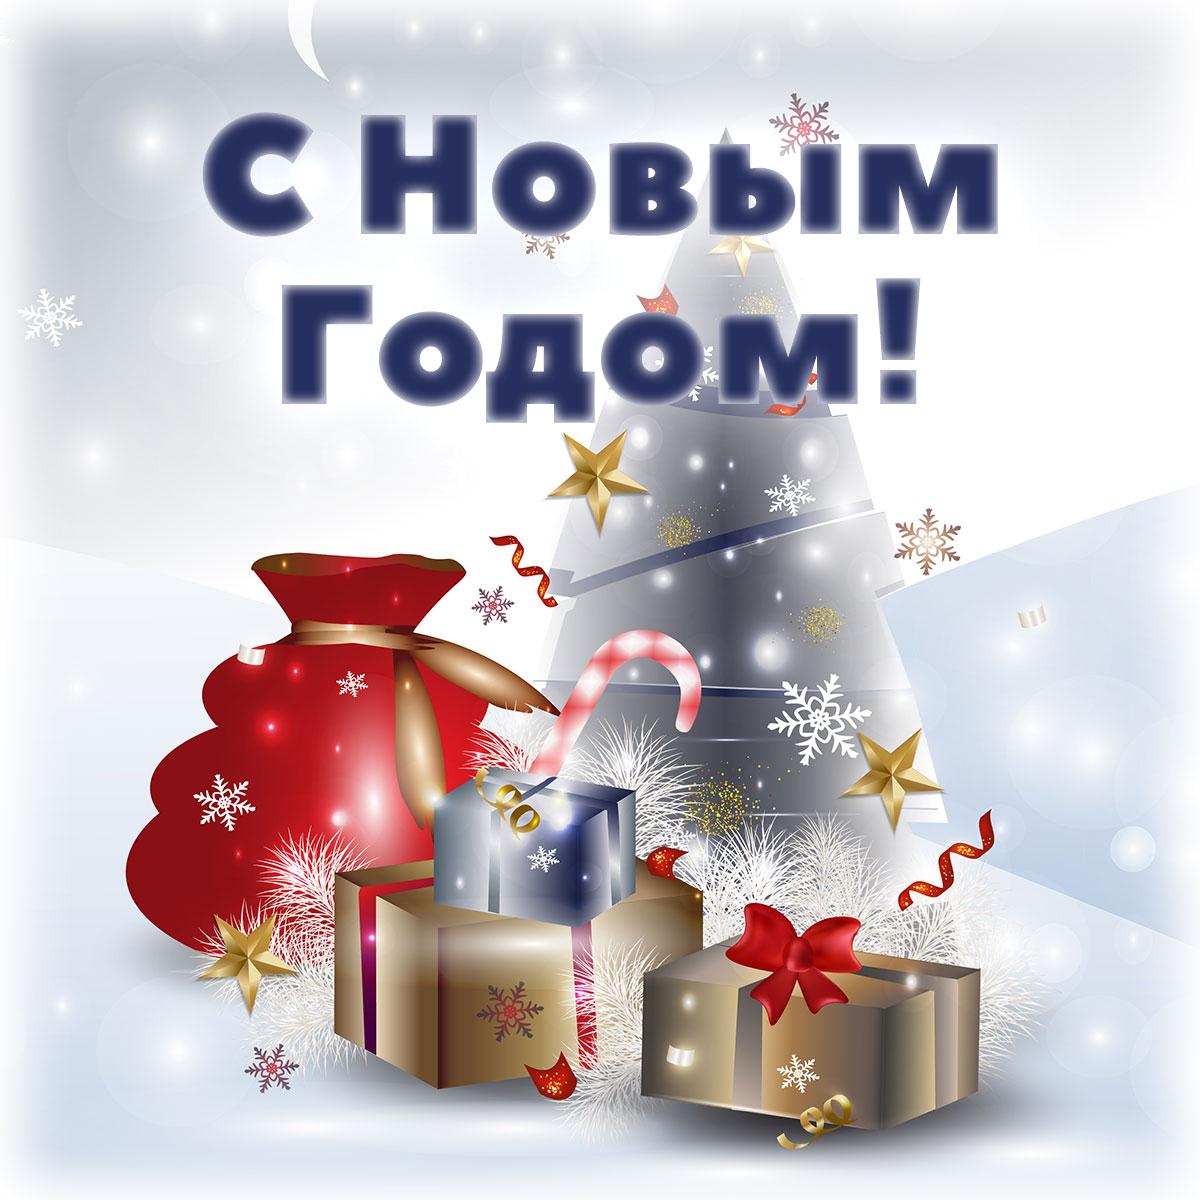 Картинка с рождественской ёлкой и подарками на серо-голубом фоне.